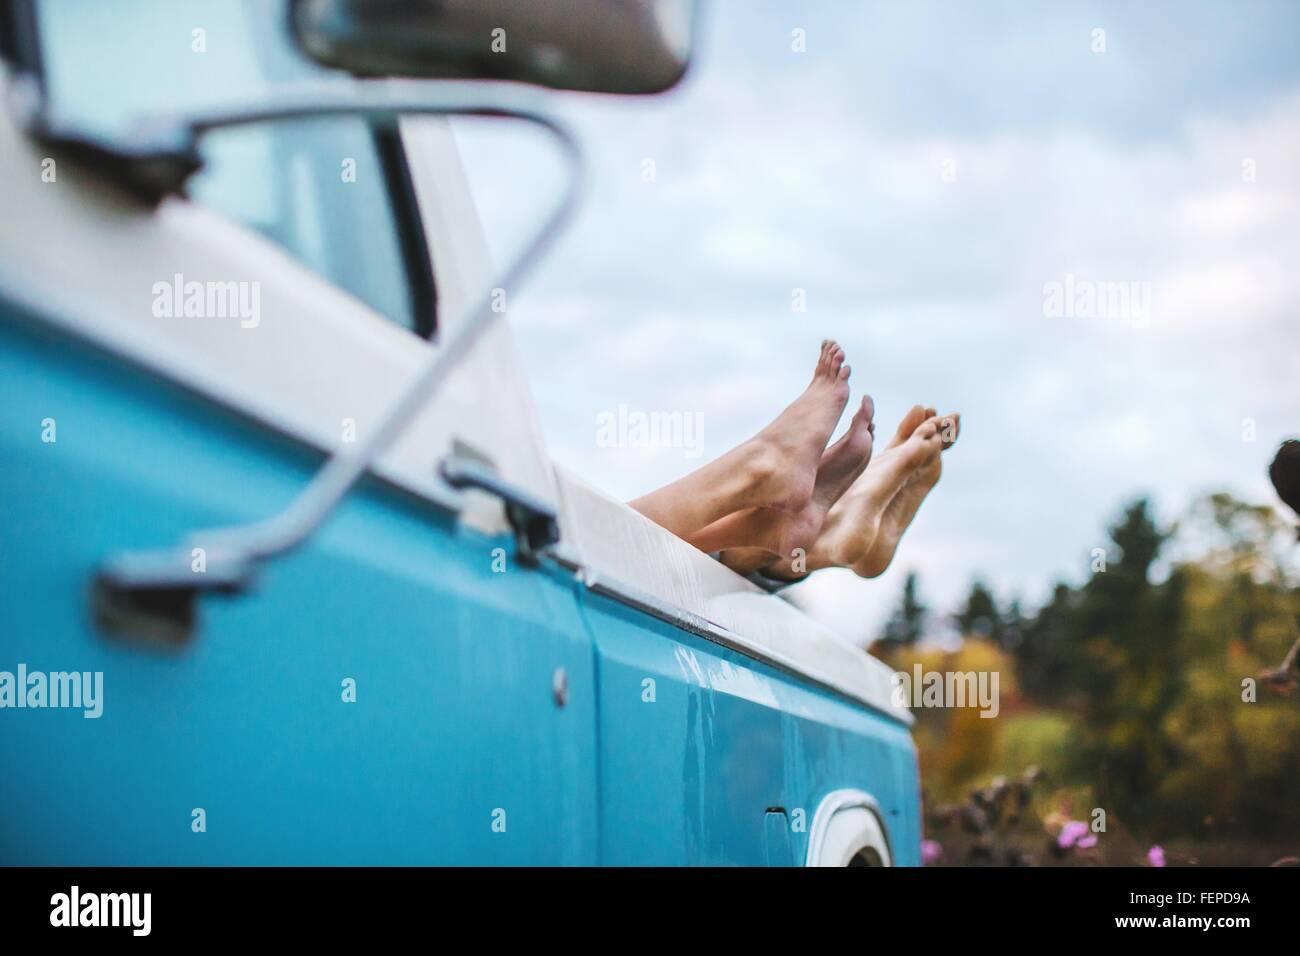 Jeune couple couché à l'arrière du camion, les pieds nus sur le bord du chariot, l'accent Photo Stock